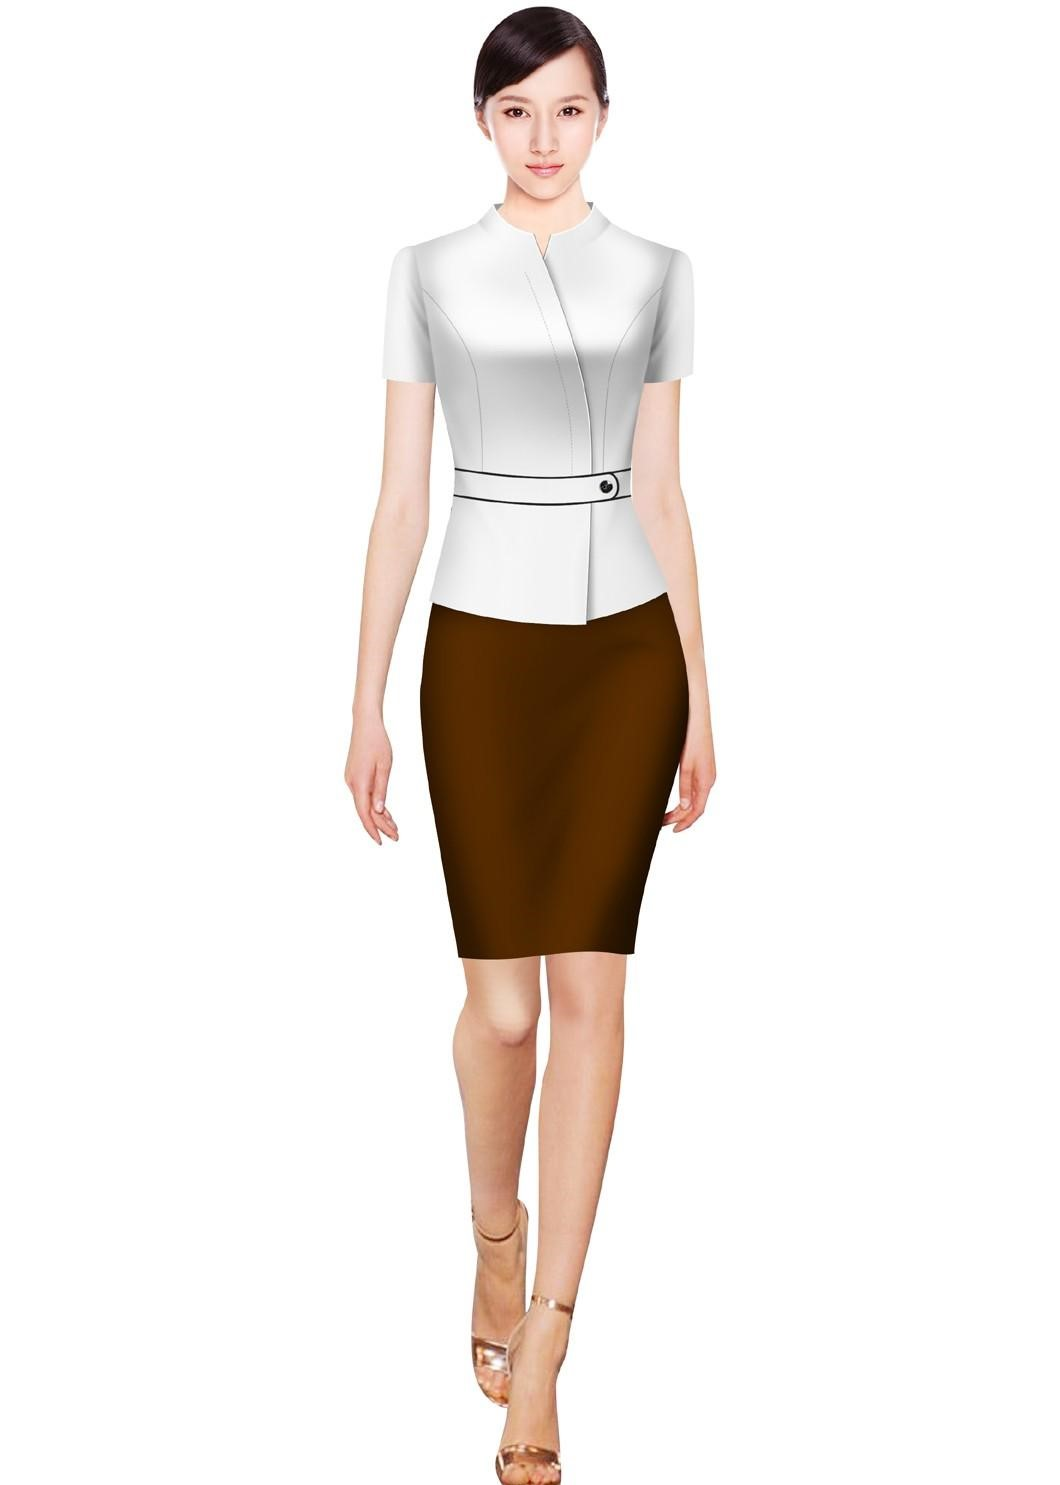 秋冬女性工作服怎样定制?有什么搭配方法?